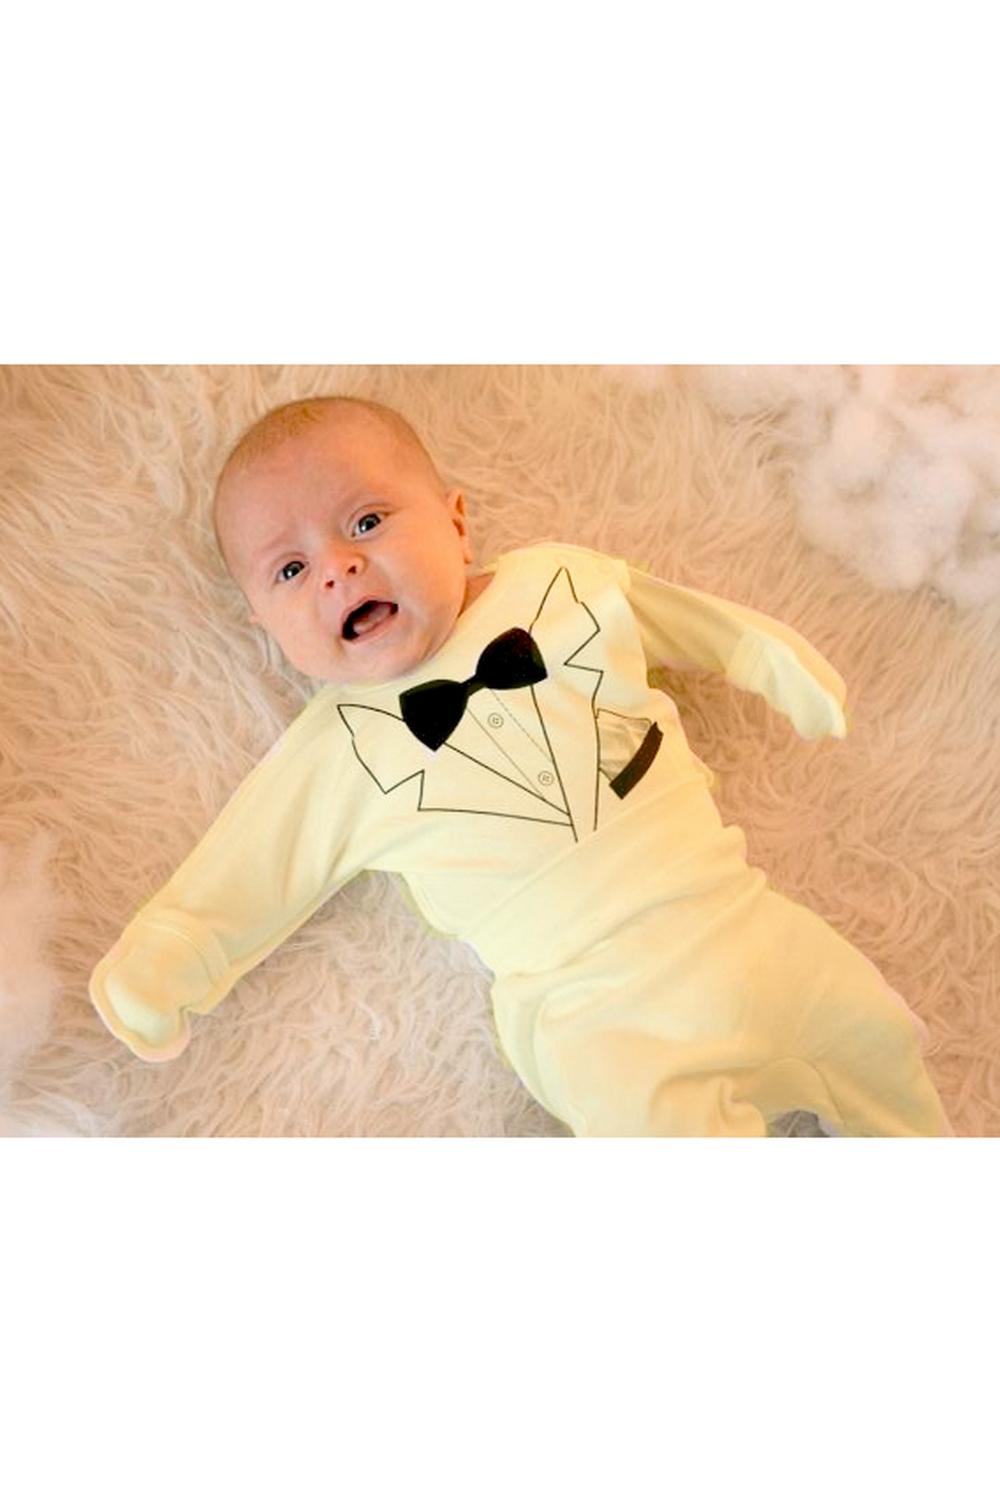 КомплектКомплекты<br>Хлопковый комплект для новорожденного  Цвет: желтый и др.  Размер соответствует росту ребенка<br><br>По сезону: Всесезон<br>Размер : 50-56,56-62<br>Материал: Хлопок<br>Количество в наличии: 7